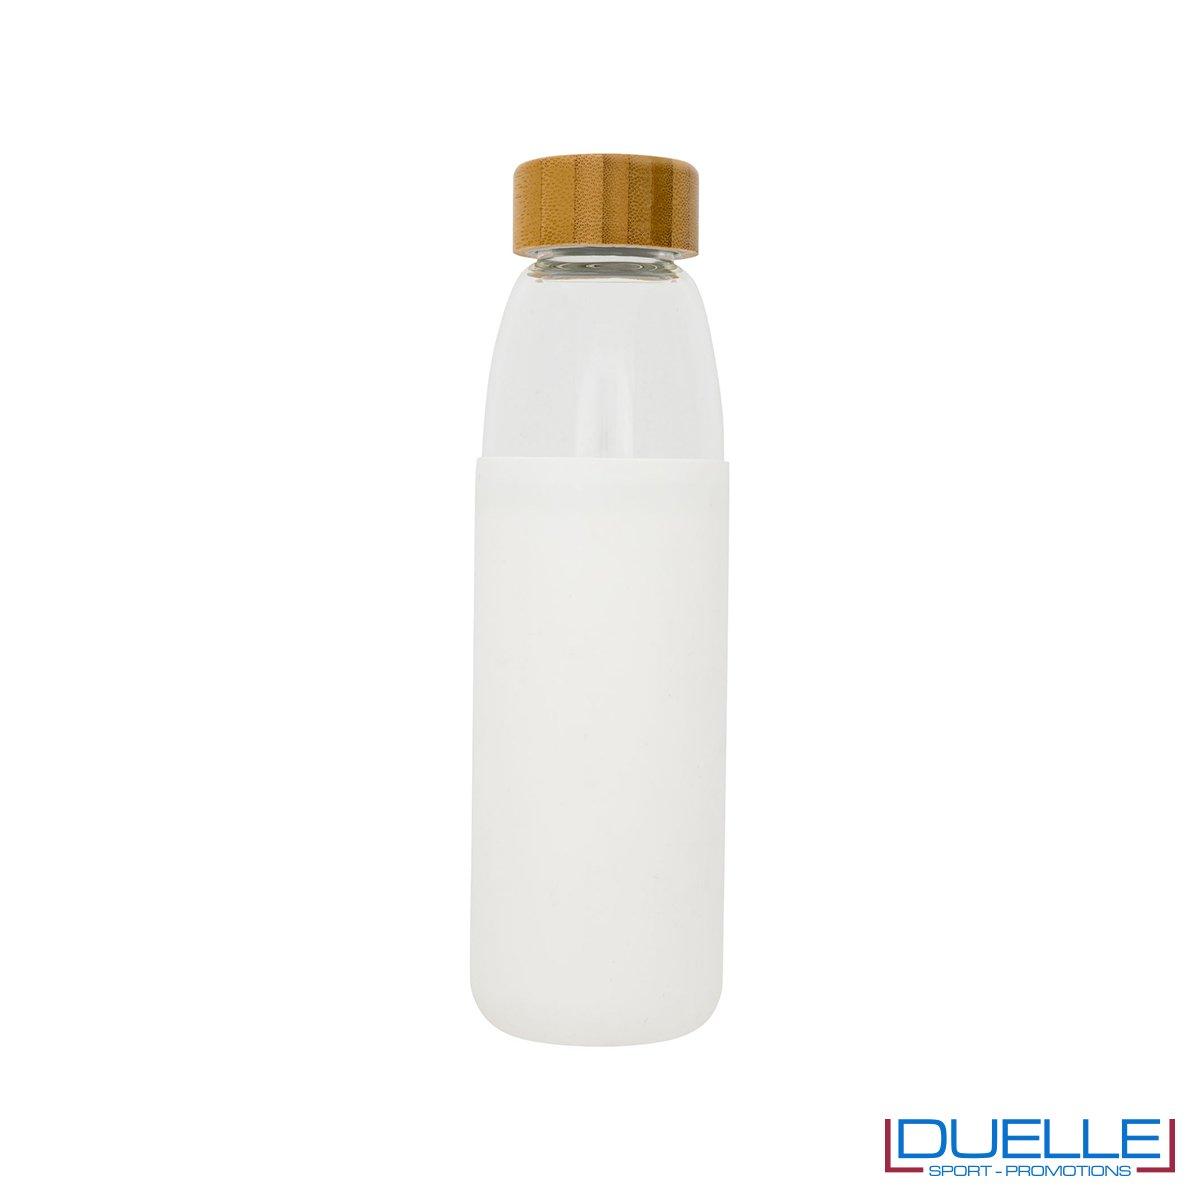 Borraccia in vetro con tappo in legno e cover in silicone colore bianco personalizzata